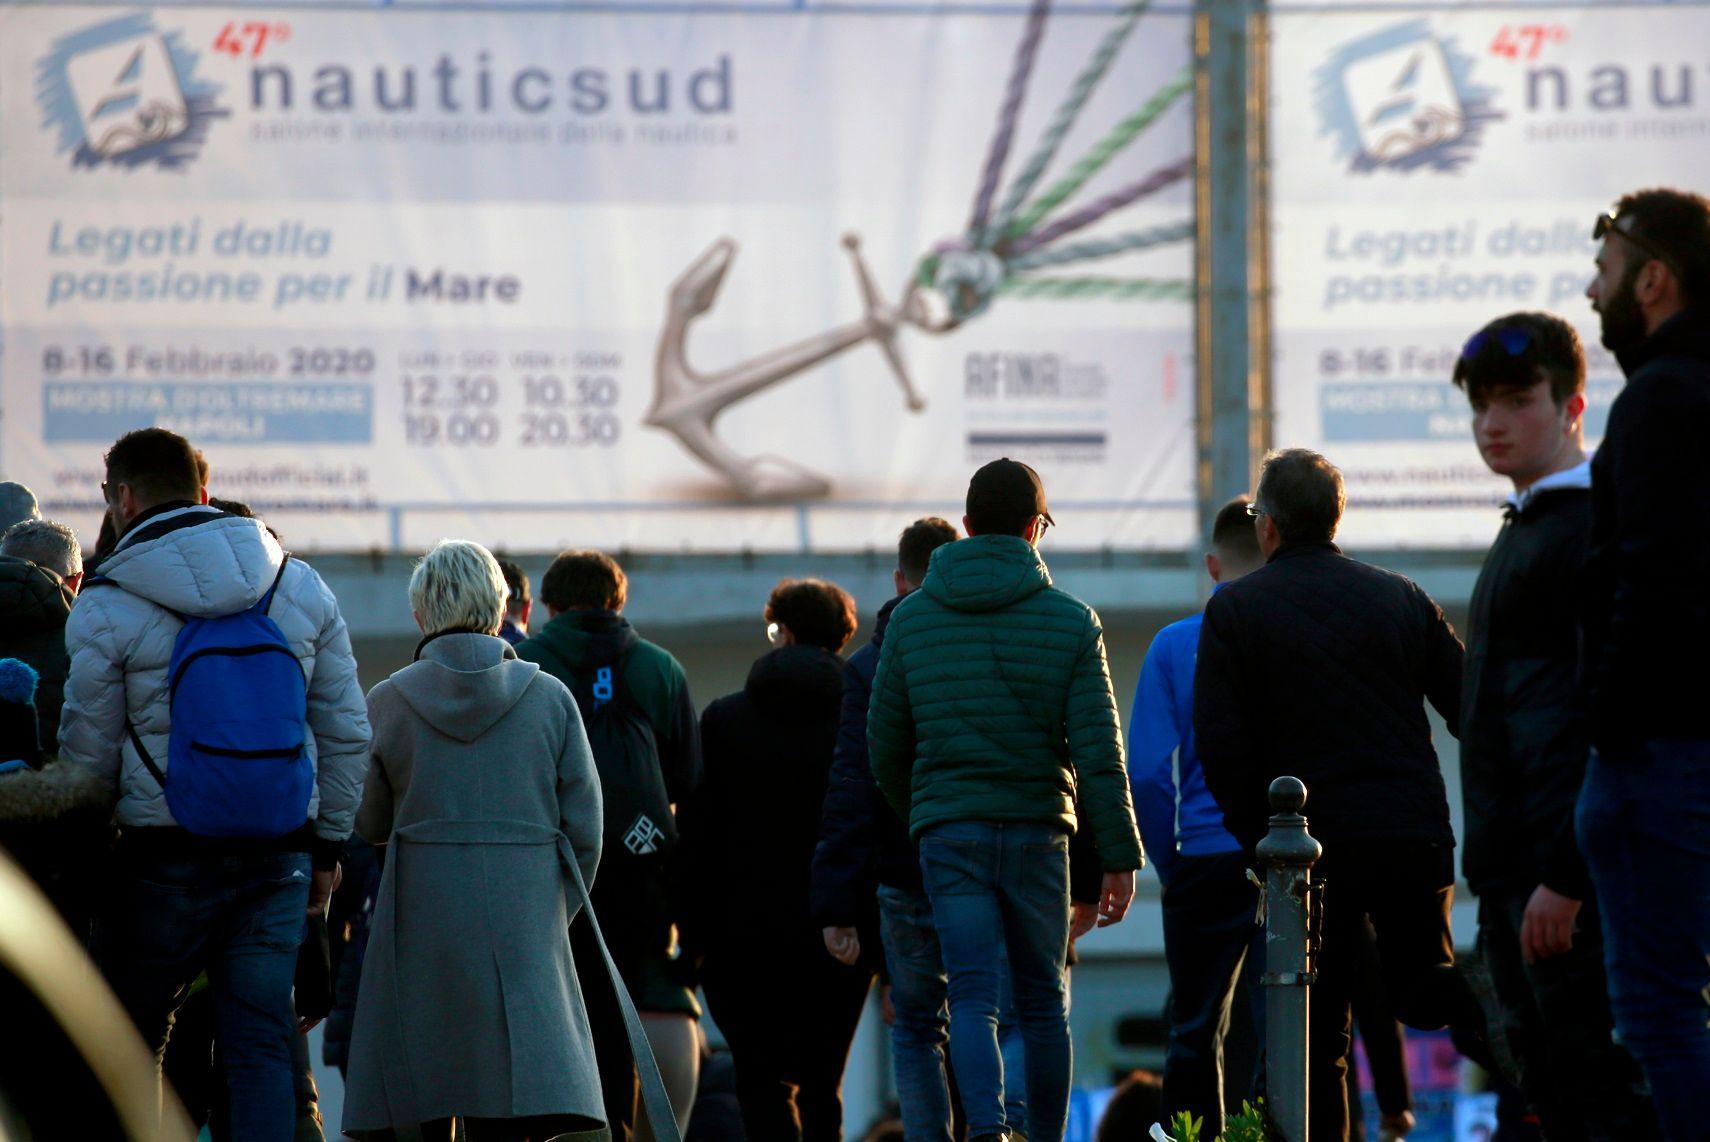 Nauticsud 2020, record di presenze e boom di vendite